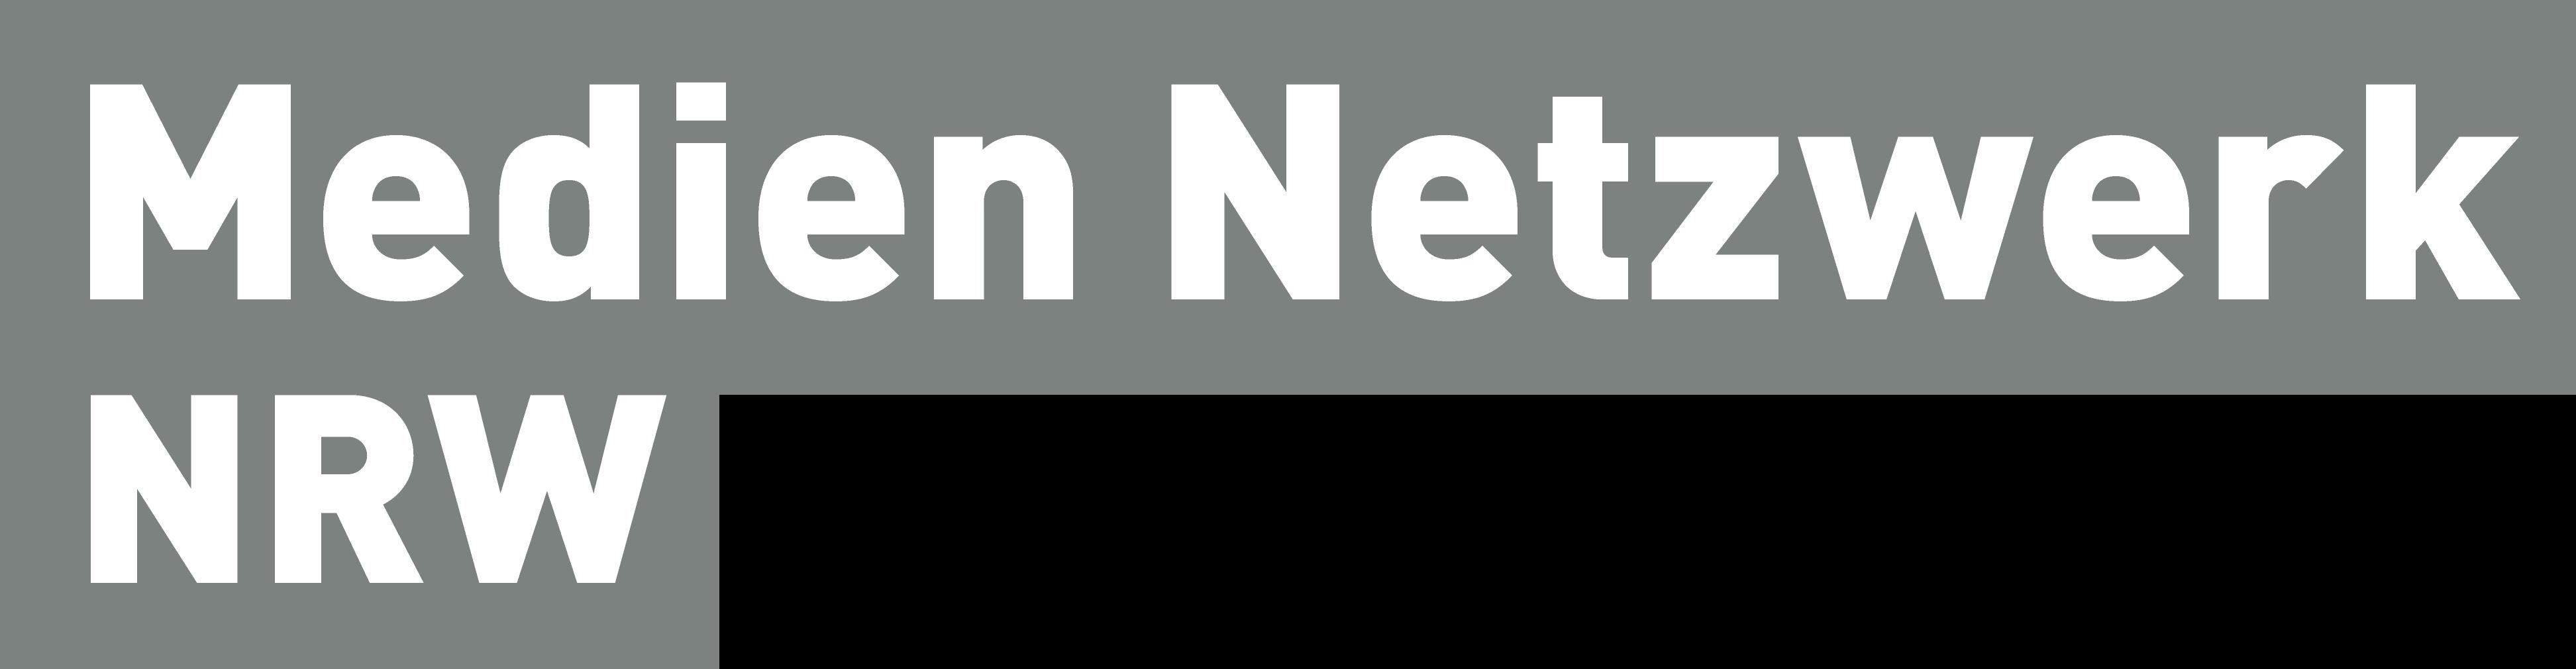 Mediennetzwerk-NRW-Logo_2-zeilig_grau-dunkel